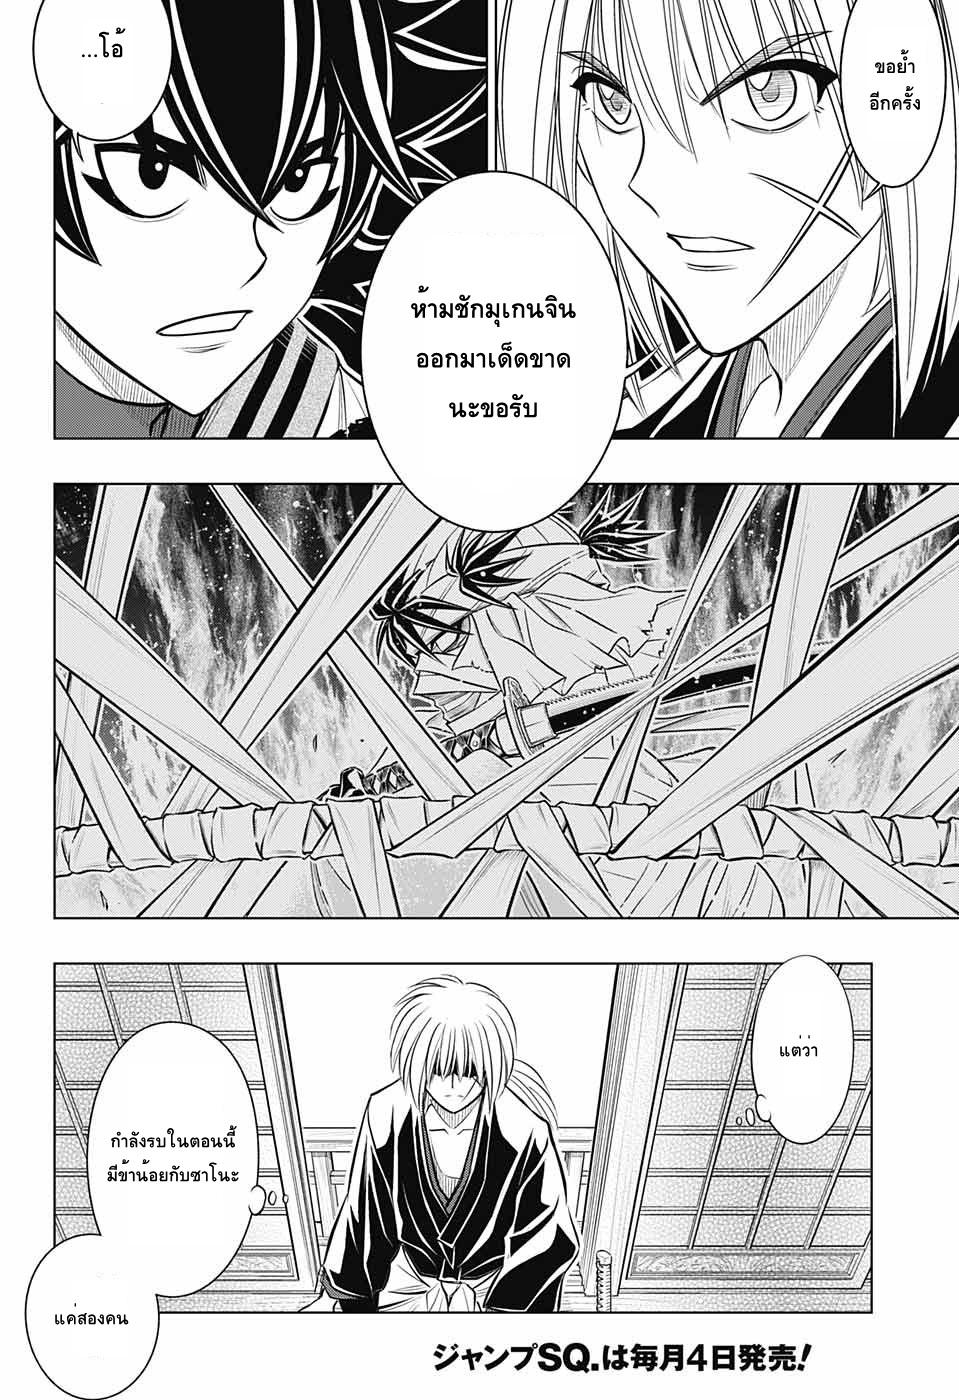 อ่านการ์ตูน Rurouni Kenshin: Hokkaido Arc ตอนที่ 13 หน้าที่ 14